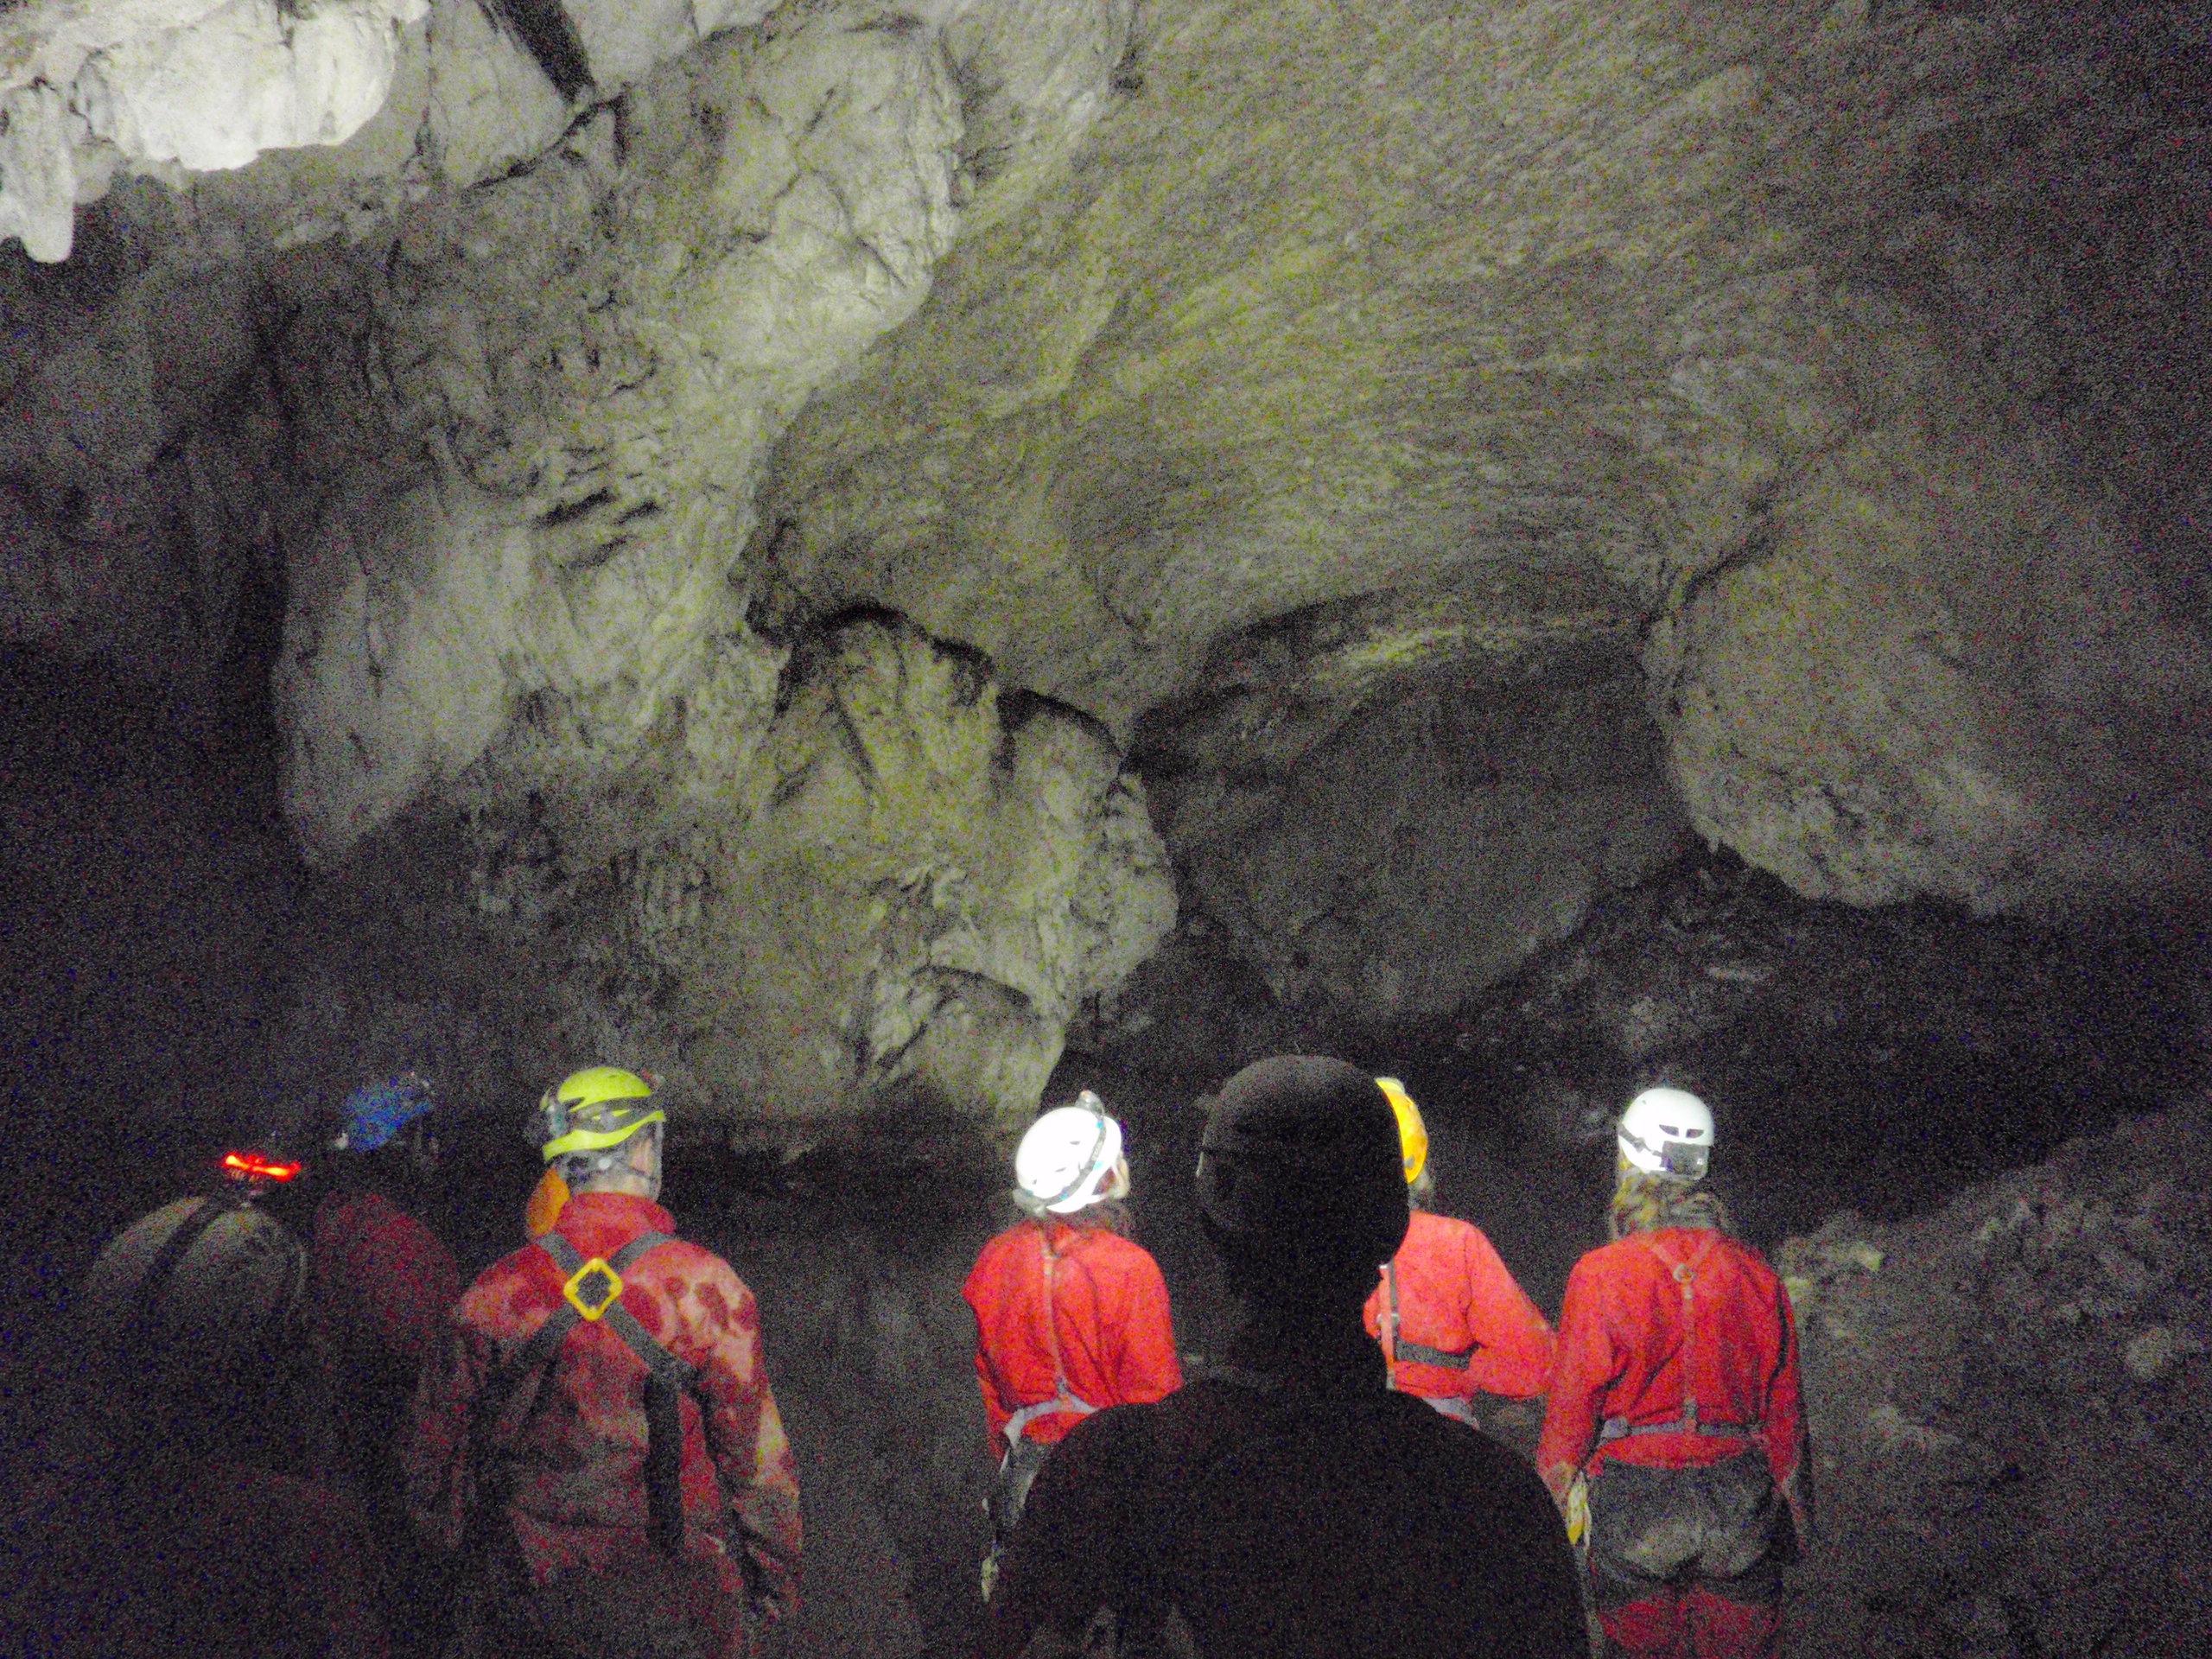 l'équipe au bord du lac souterrain.